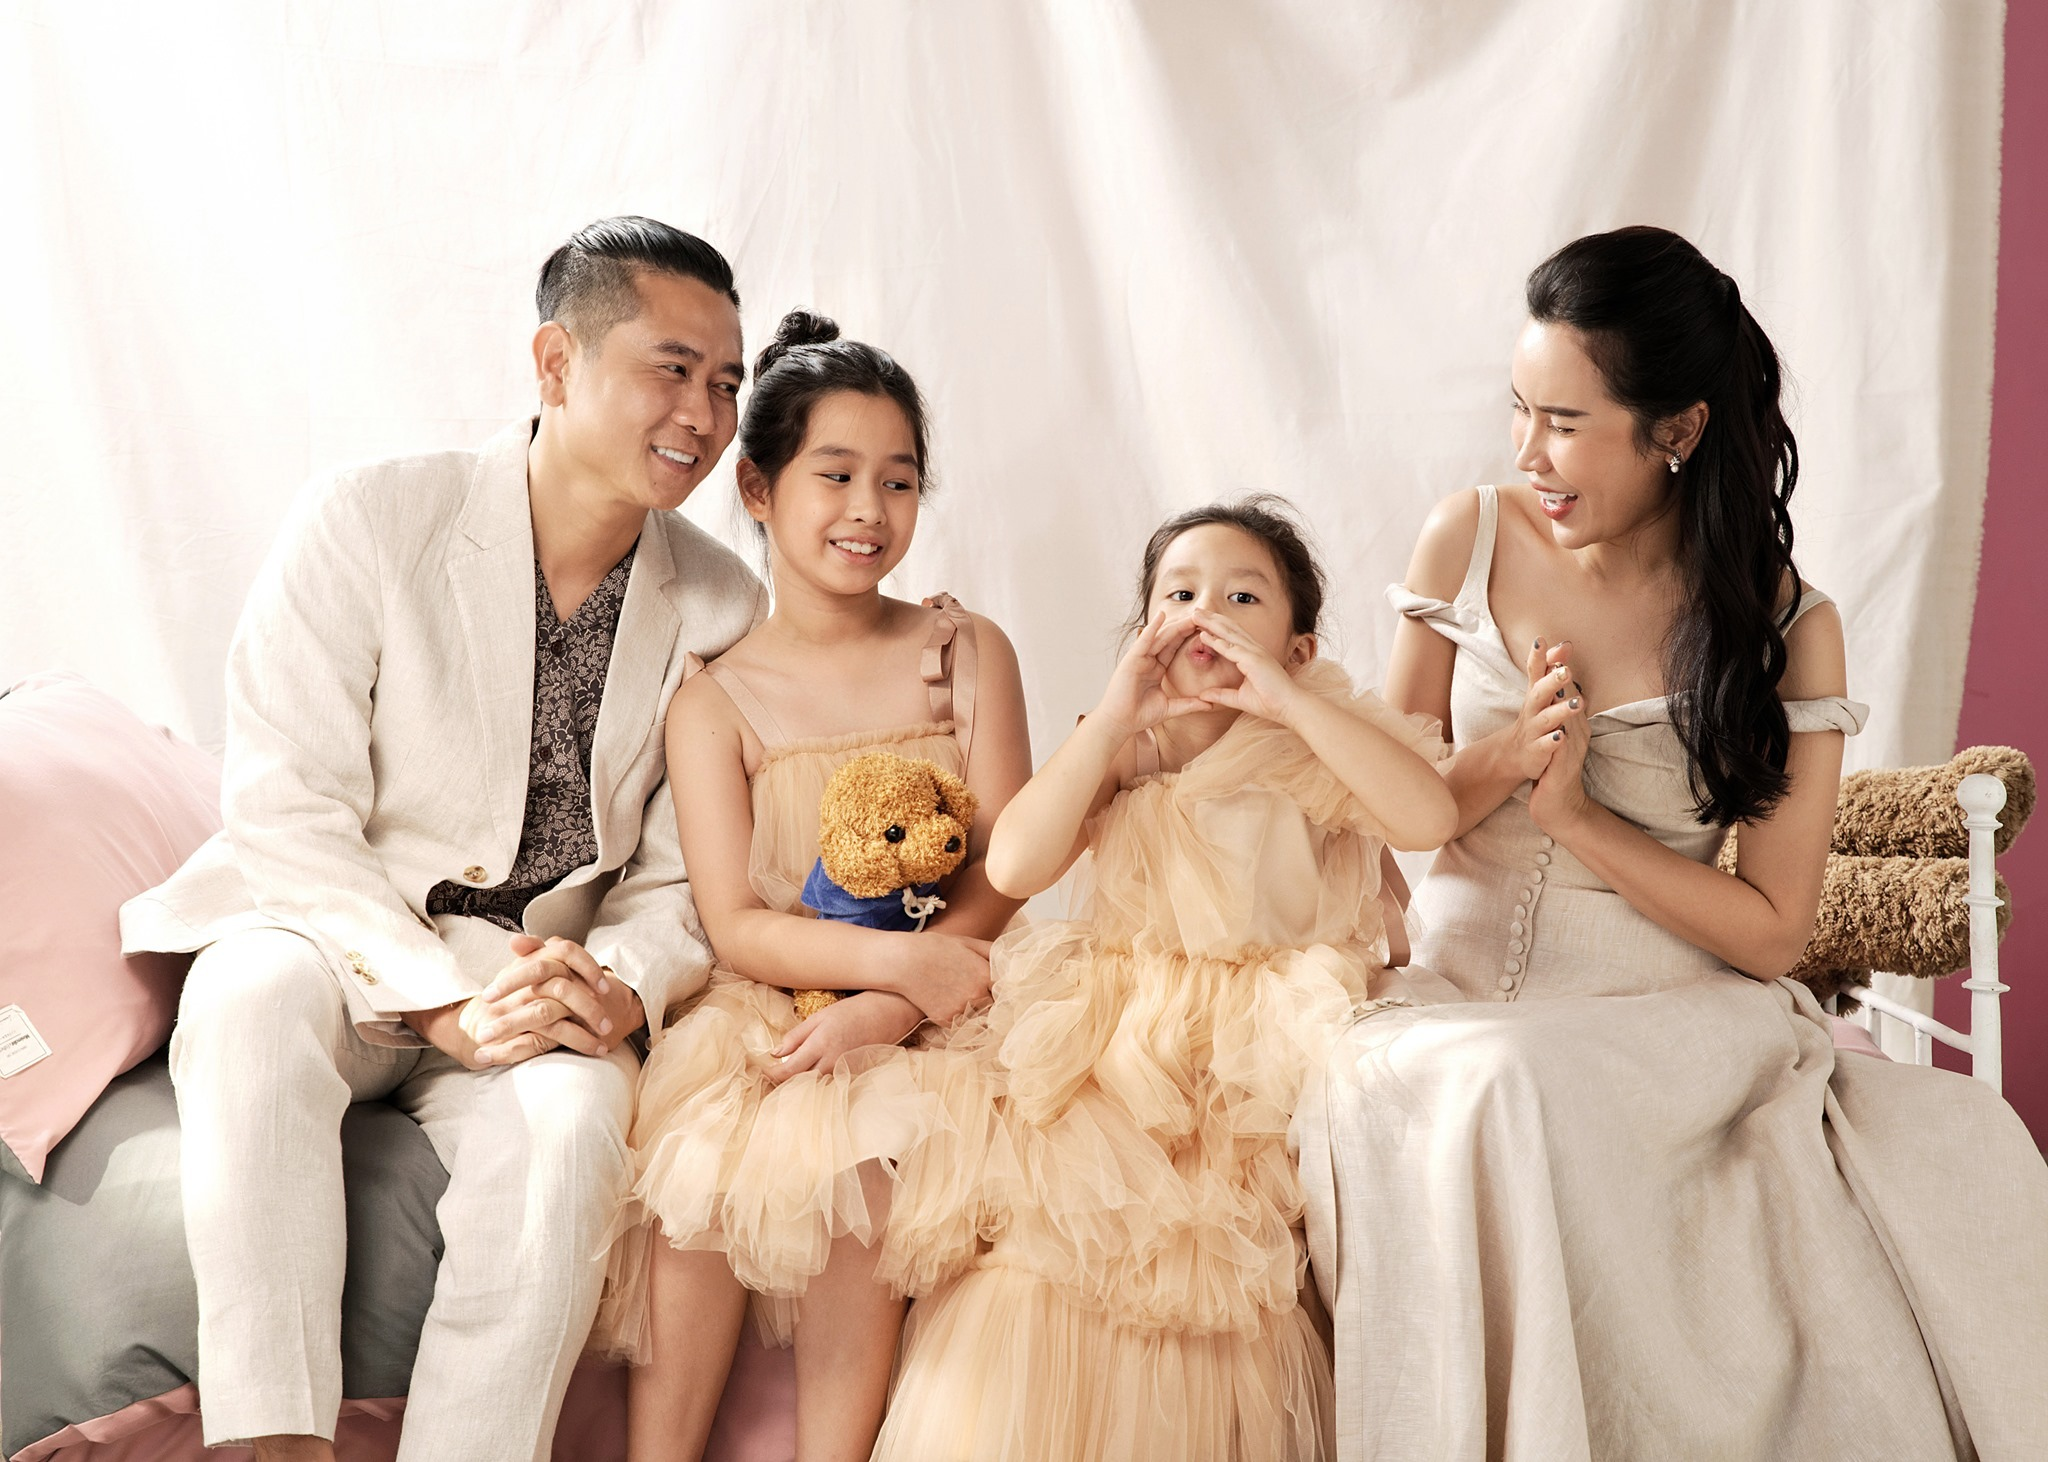 Lưu Hương Giang khoe ảnh con gái xinh xắn, Lã Thanh Huyền vào nhận ngay 'con dâu'